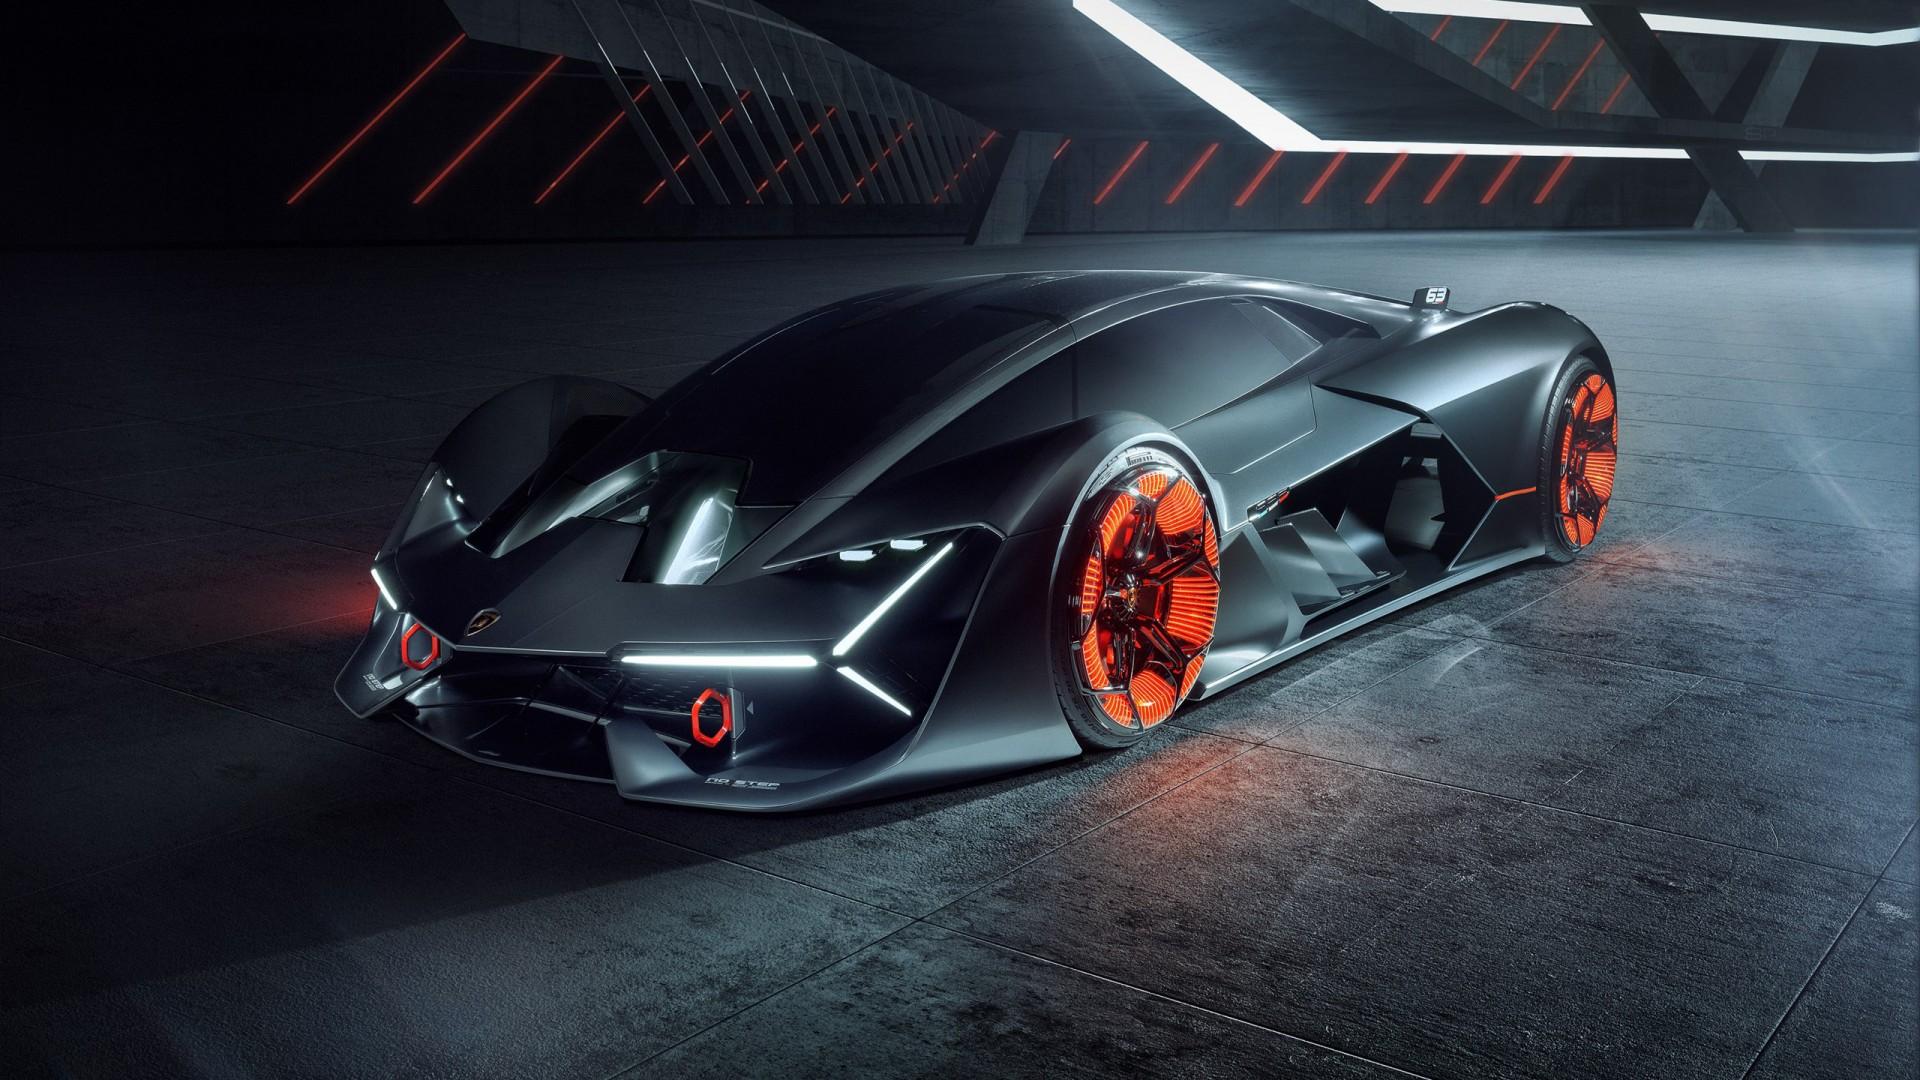 Lamborghini Terzo Millennio 2019 4 Wallpaper Hd Car